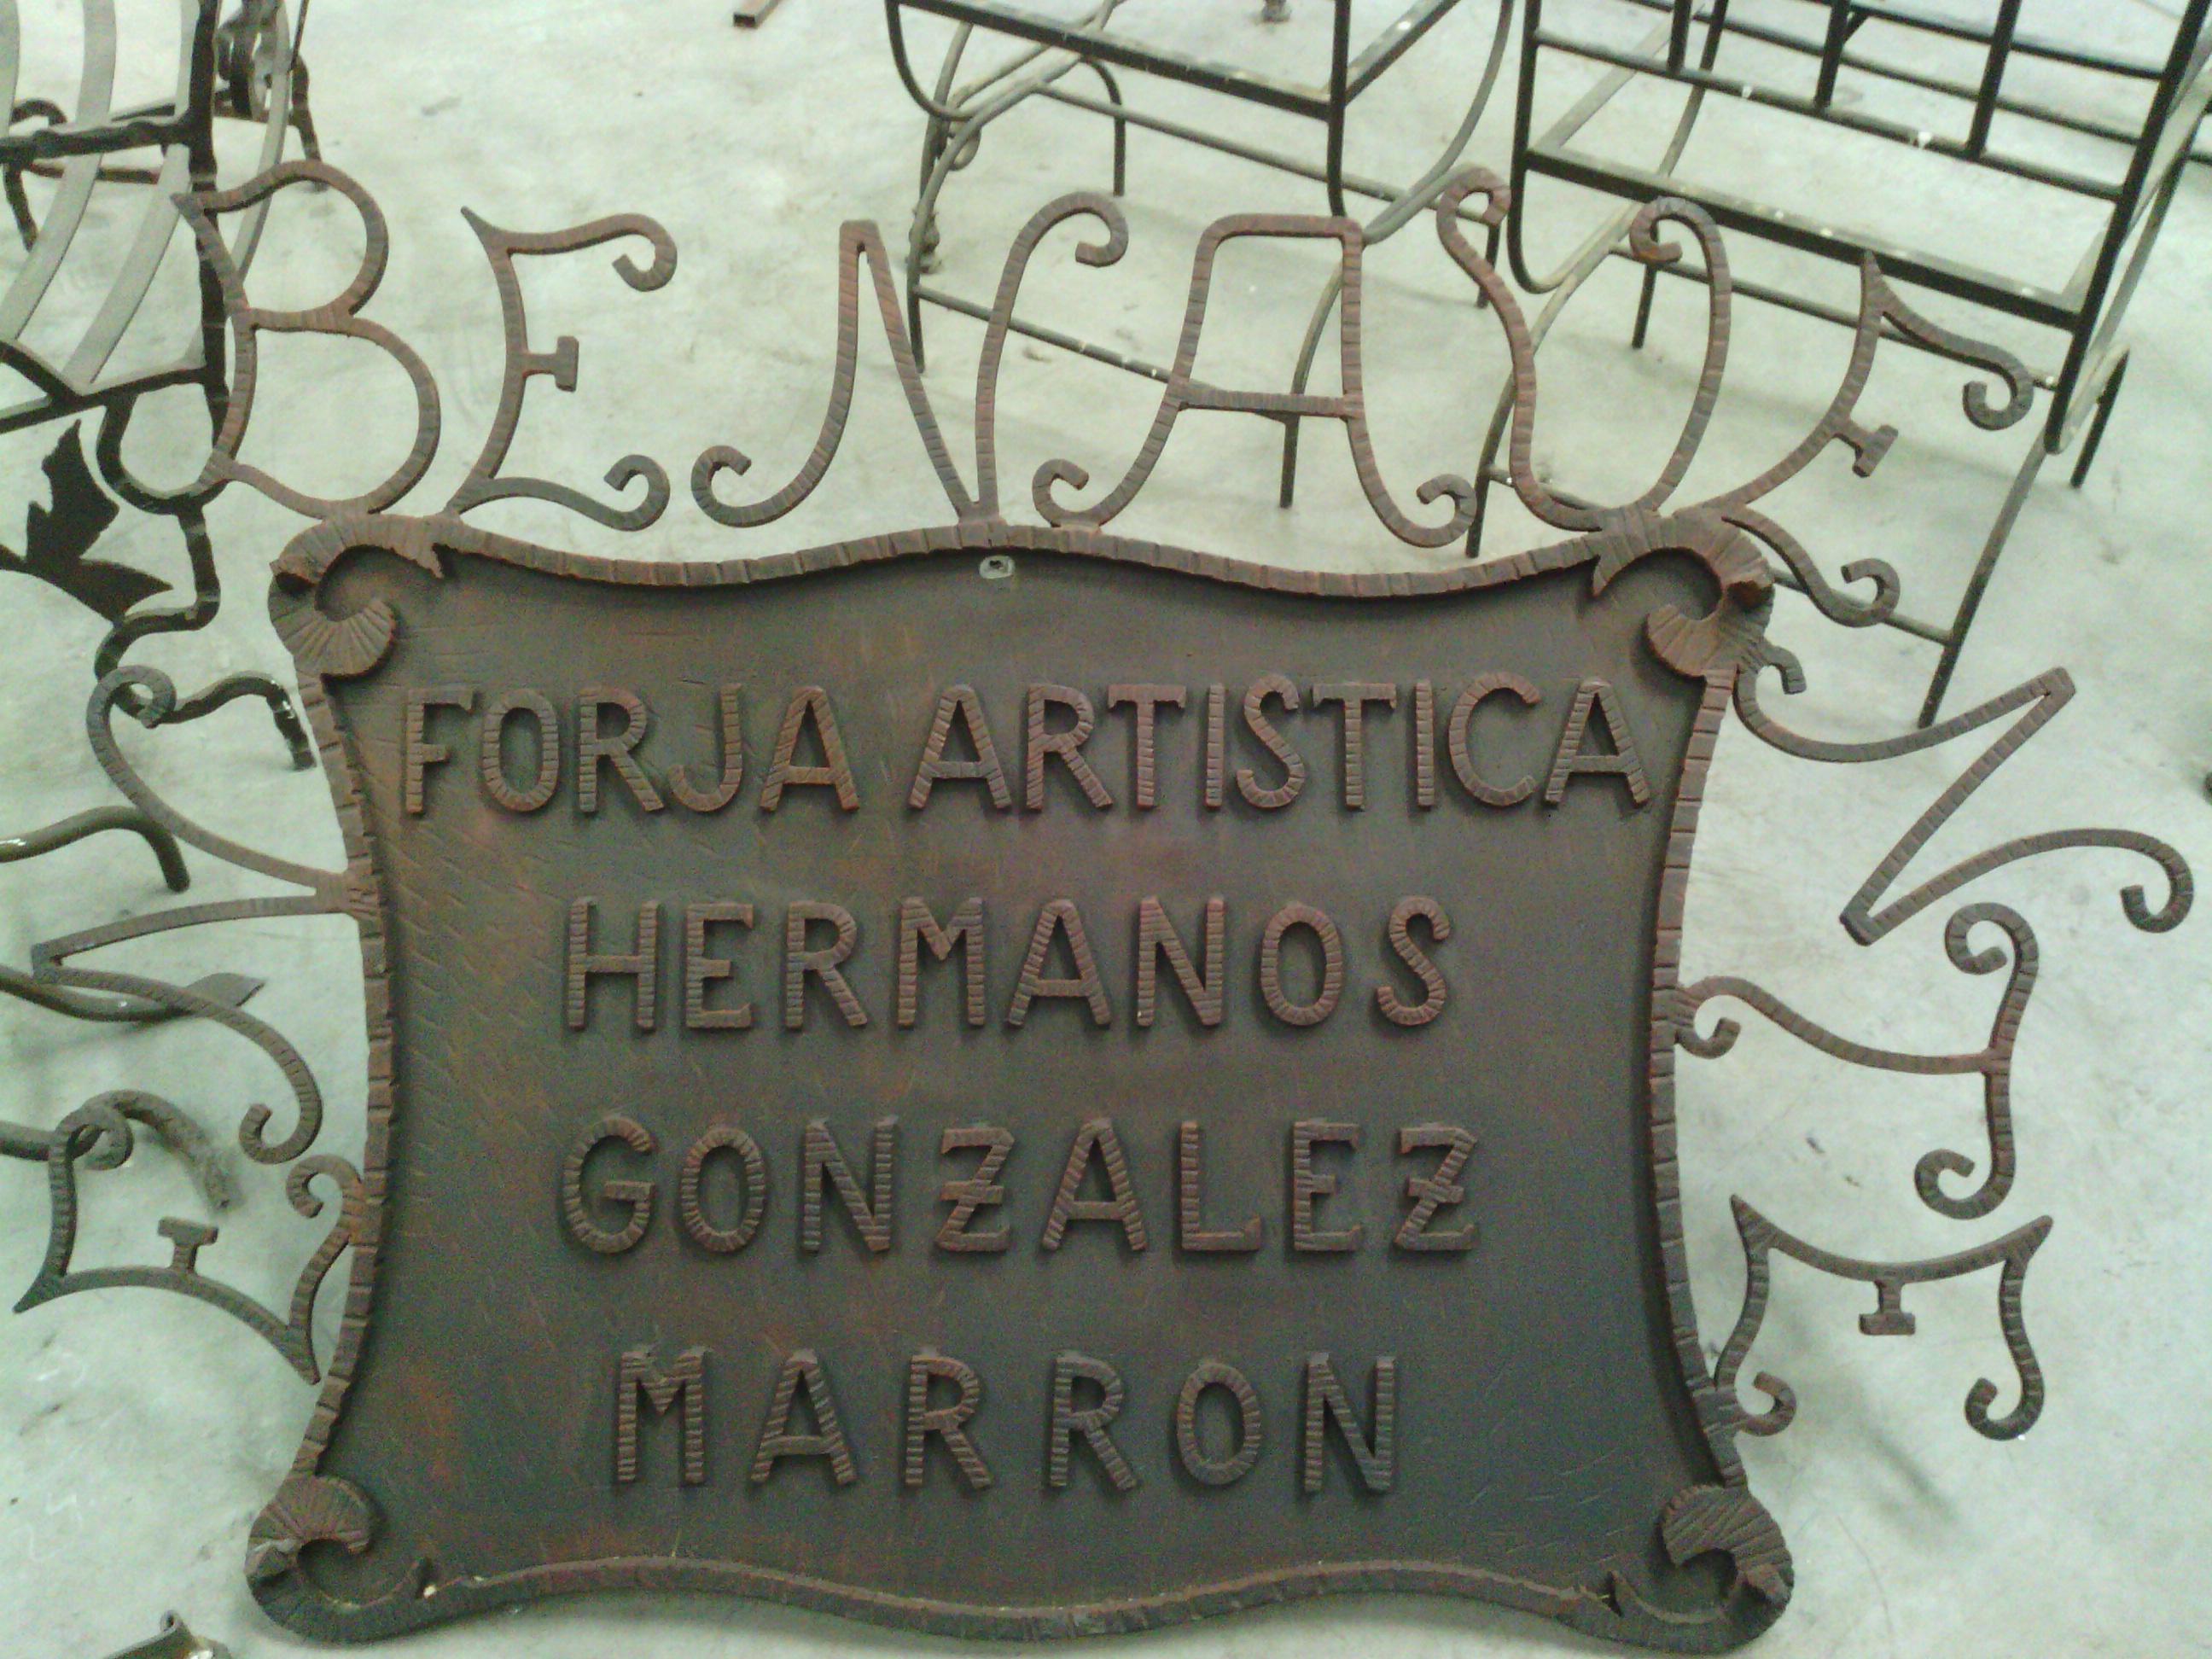 """Hnos González Marrón """"forja Artística Cerrajeria Y Artesanía"""""""